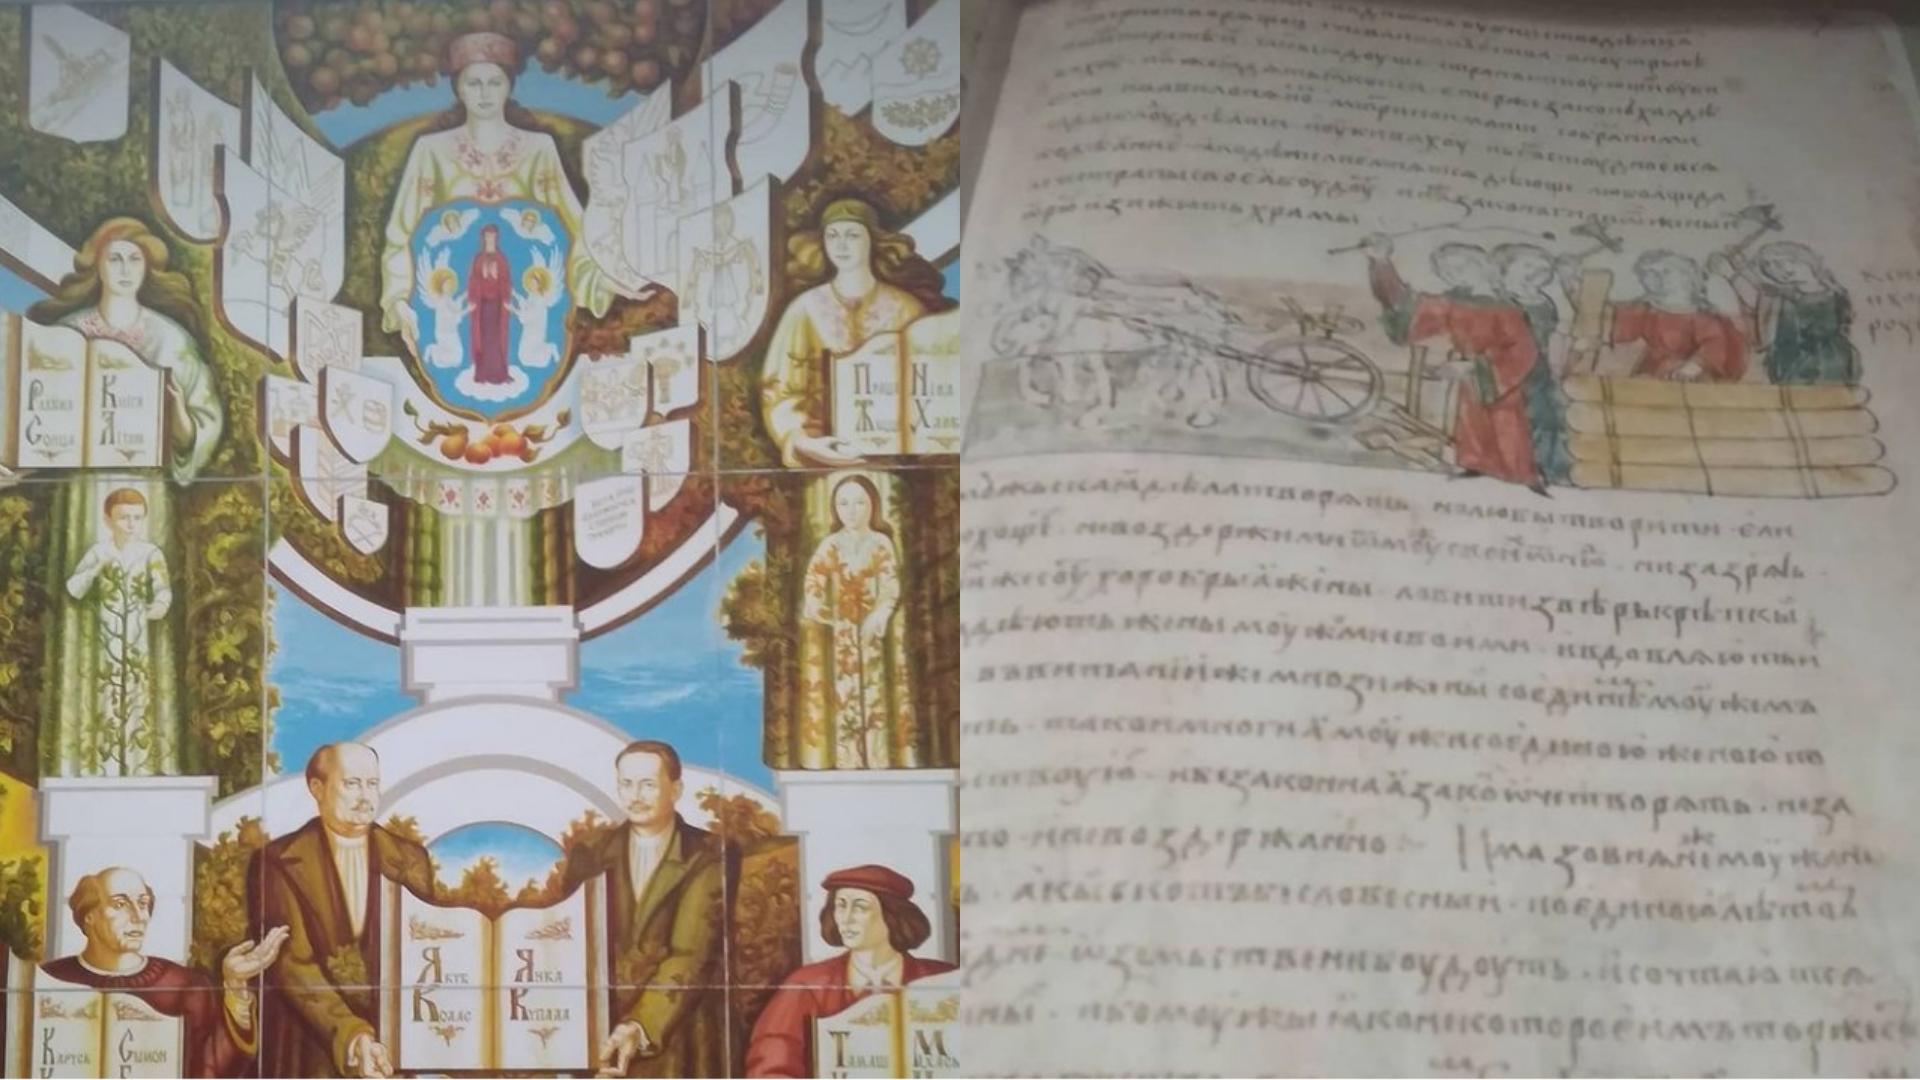 Обзор Национальной белорусской библиотеки: экскурсия на один день 20